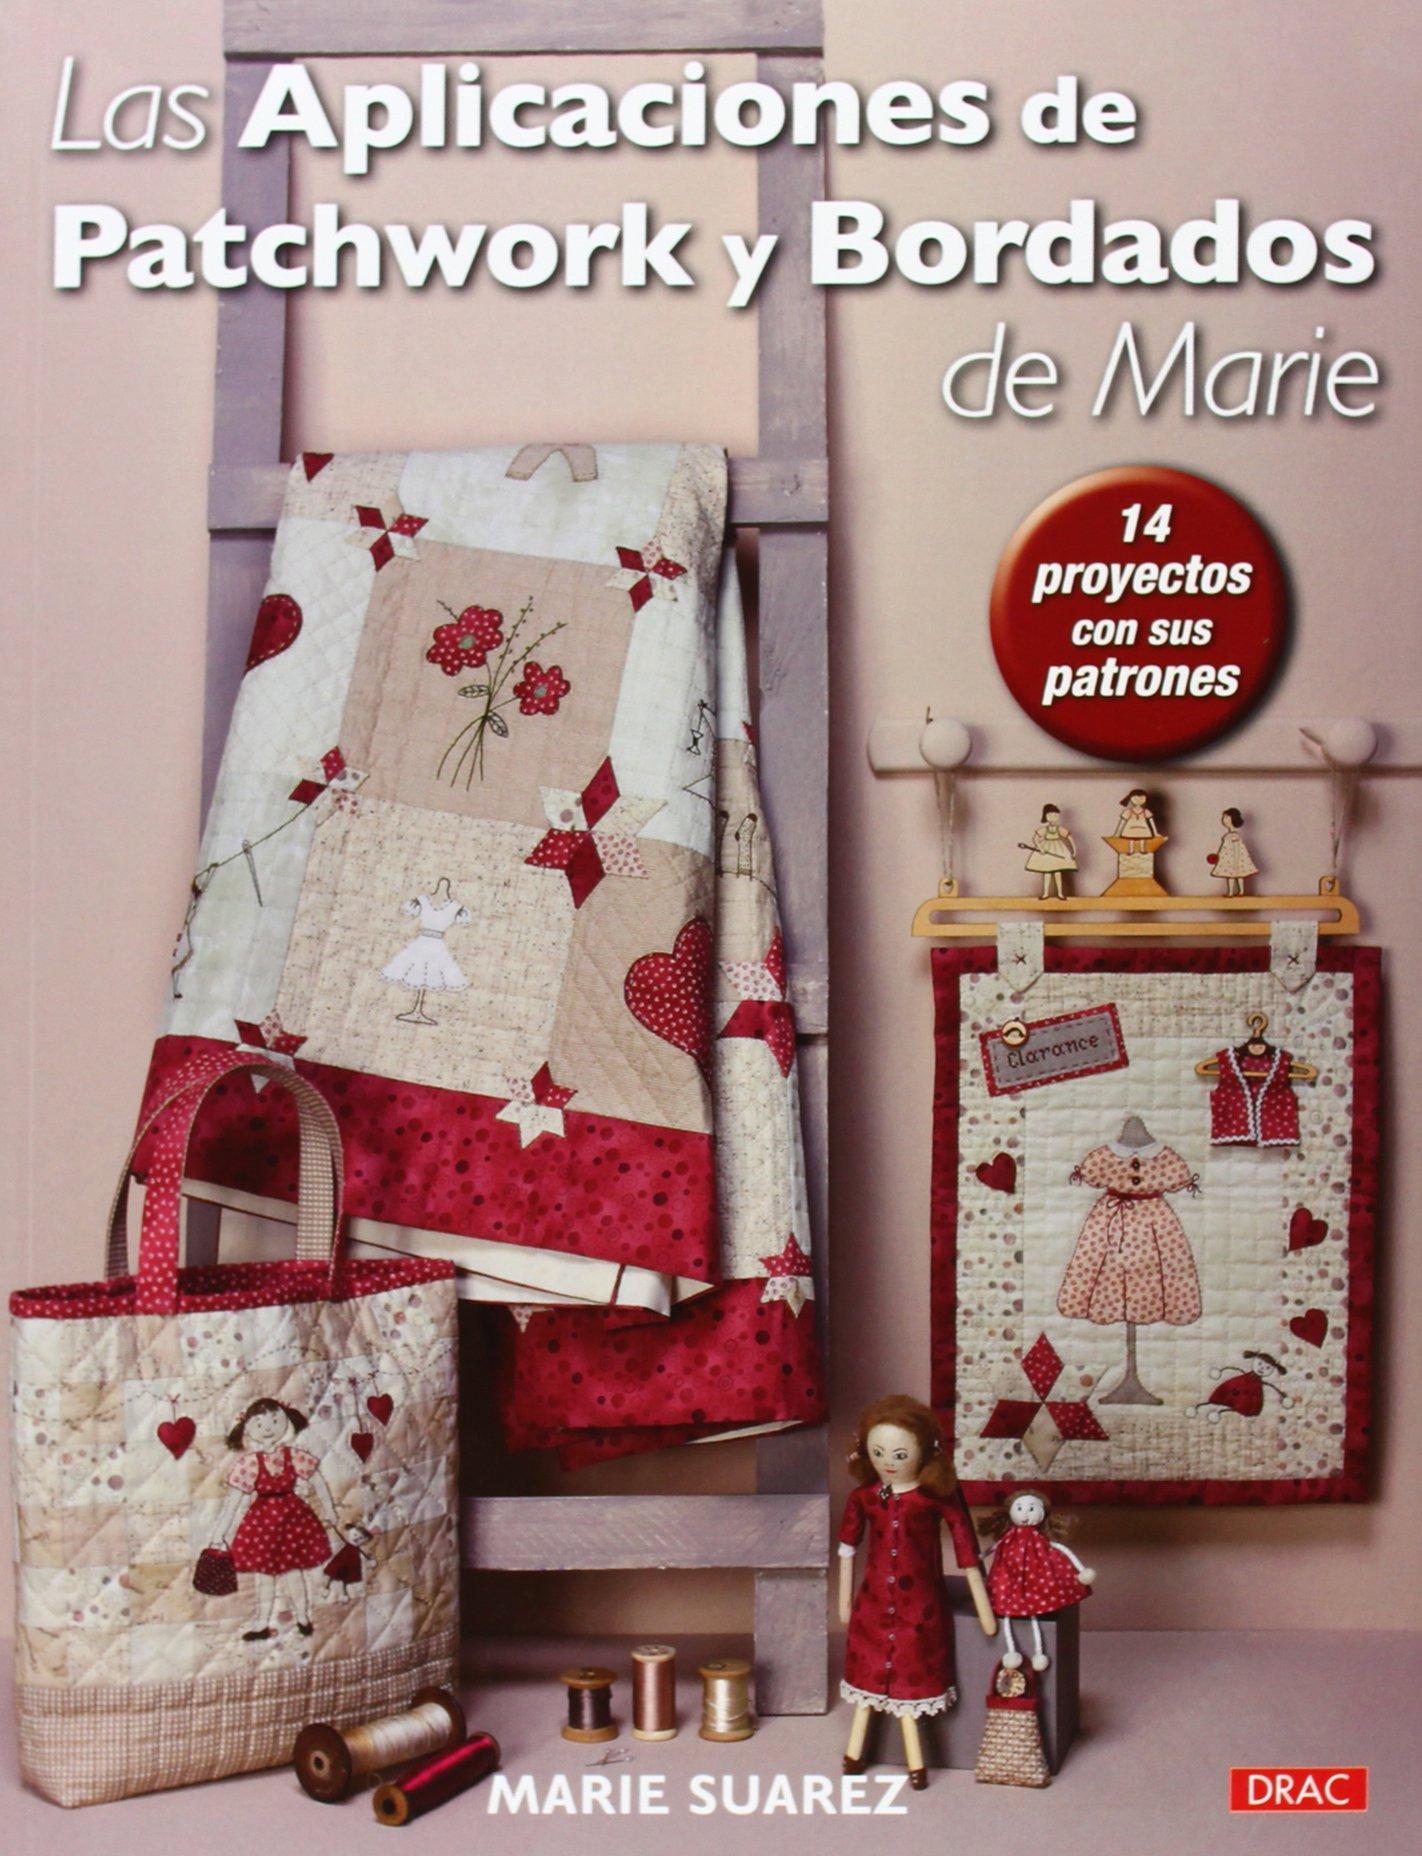 Las Aplicaciones De Patchwork Y Bordados De Marie: Amazon.es: Marie Suarez, Laia Jordana Altés, Ana María Aznar Menéndez: Libros